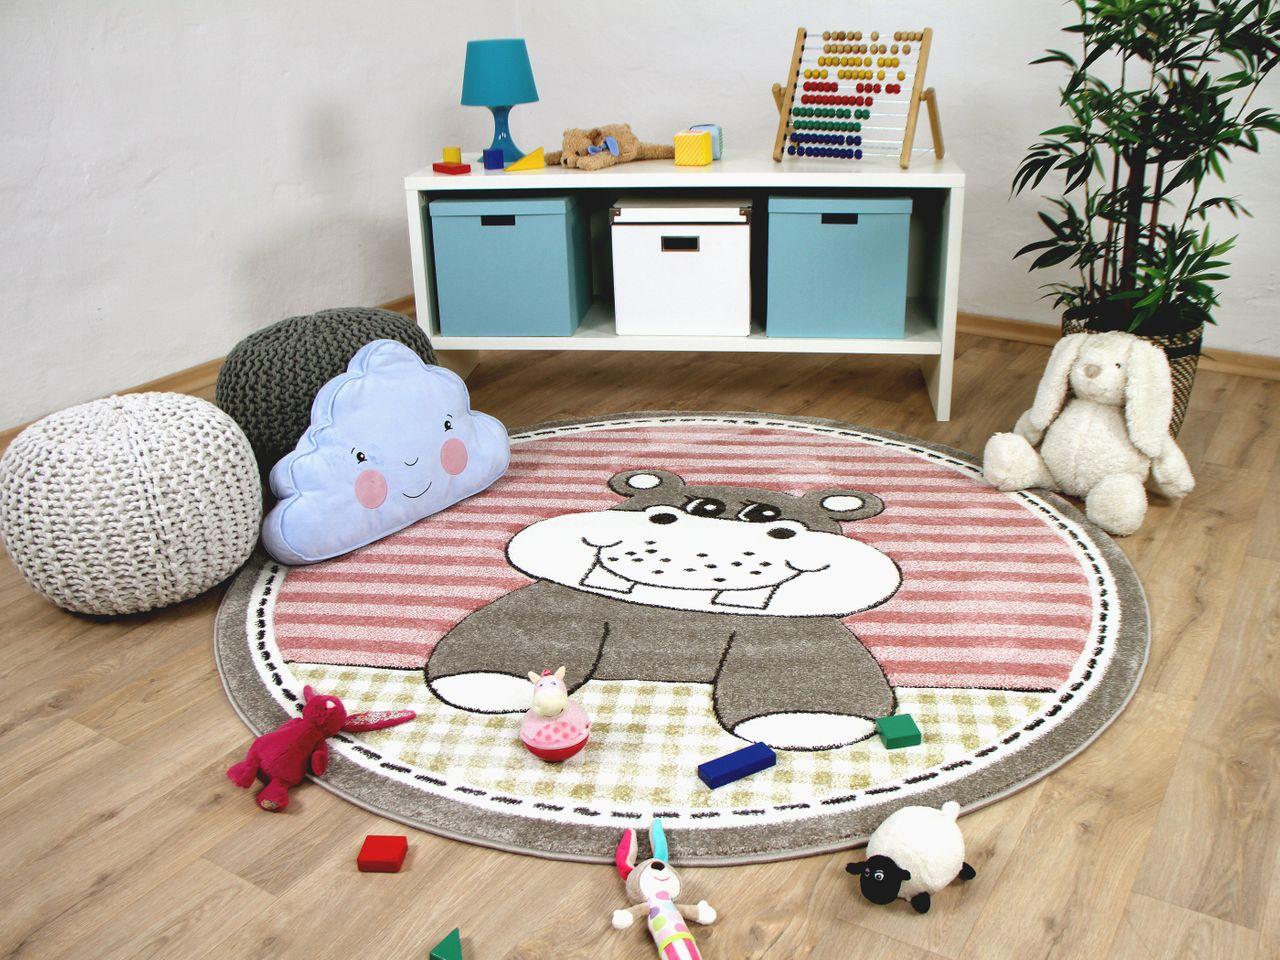 kinder teppich maui kids nilpferd rosa rund teppiche. Black Bedroom Furniture Sets. Home Design Ideas